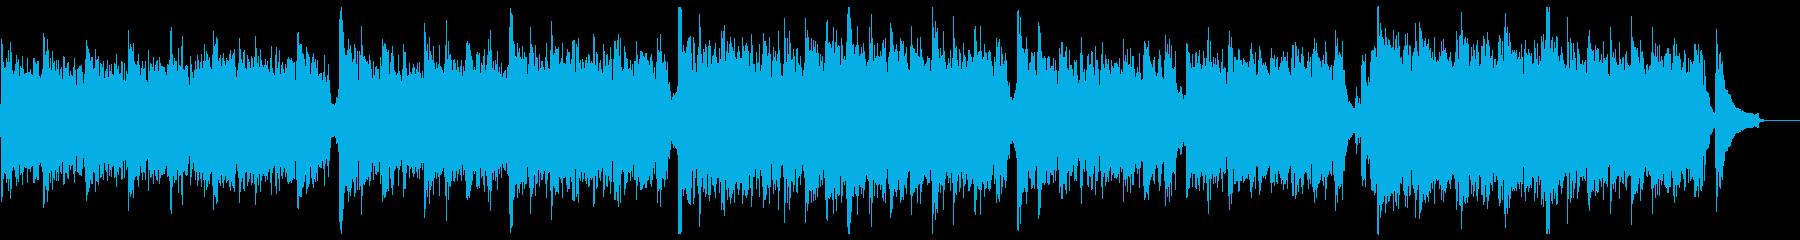 デジタル・未来・知的ピアノの再生済みの波形